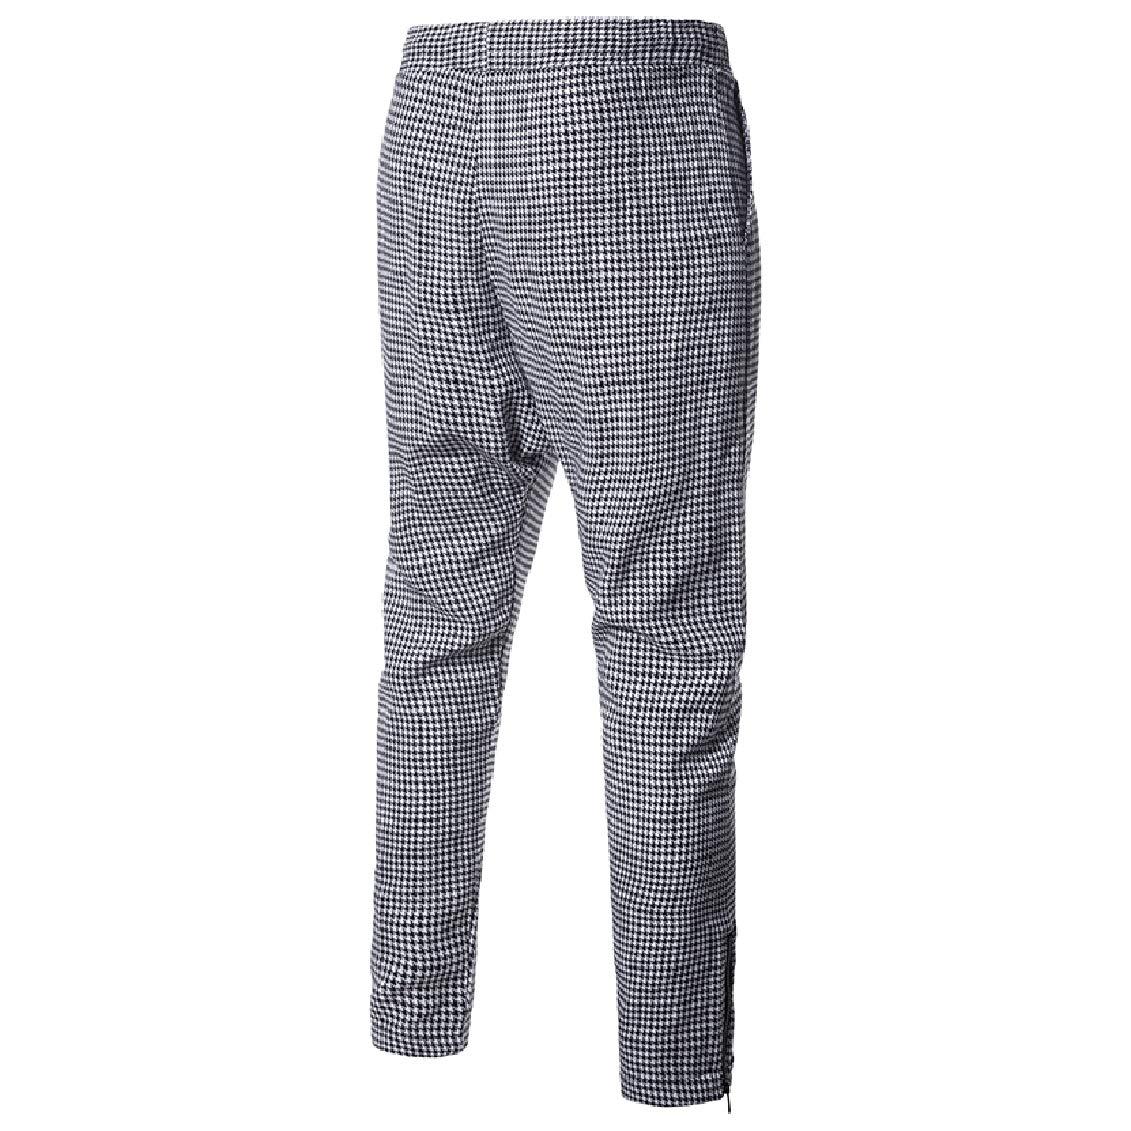 Coolred-Men Plaid Harem Pants Trim-Fit Cozy Zipper Elastic Waist Casual Pants